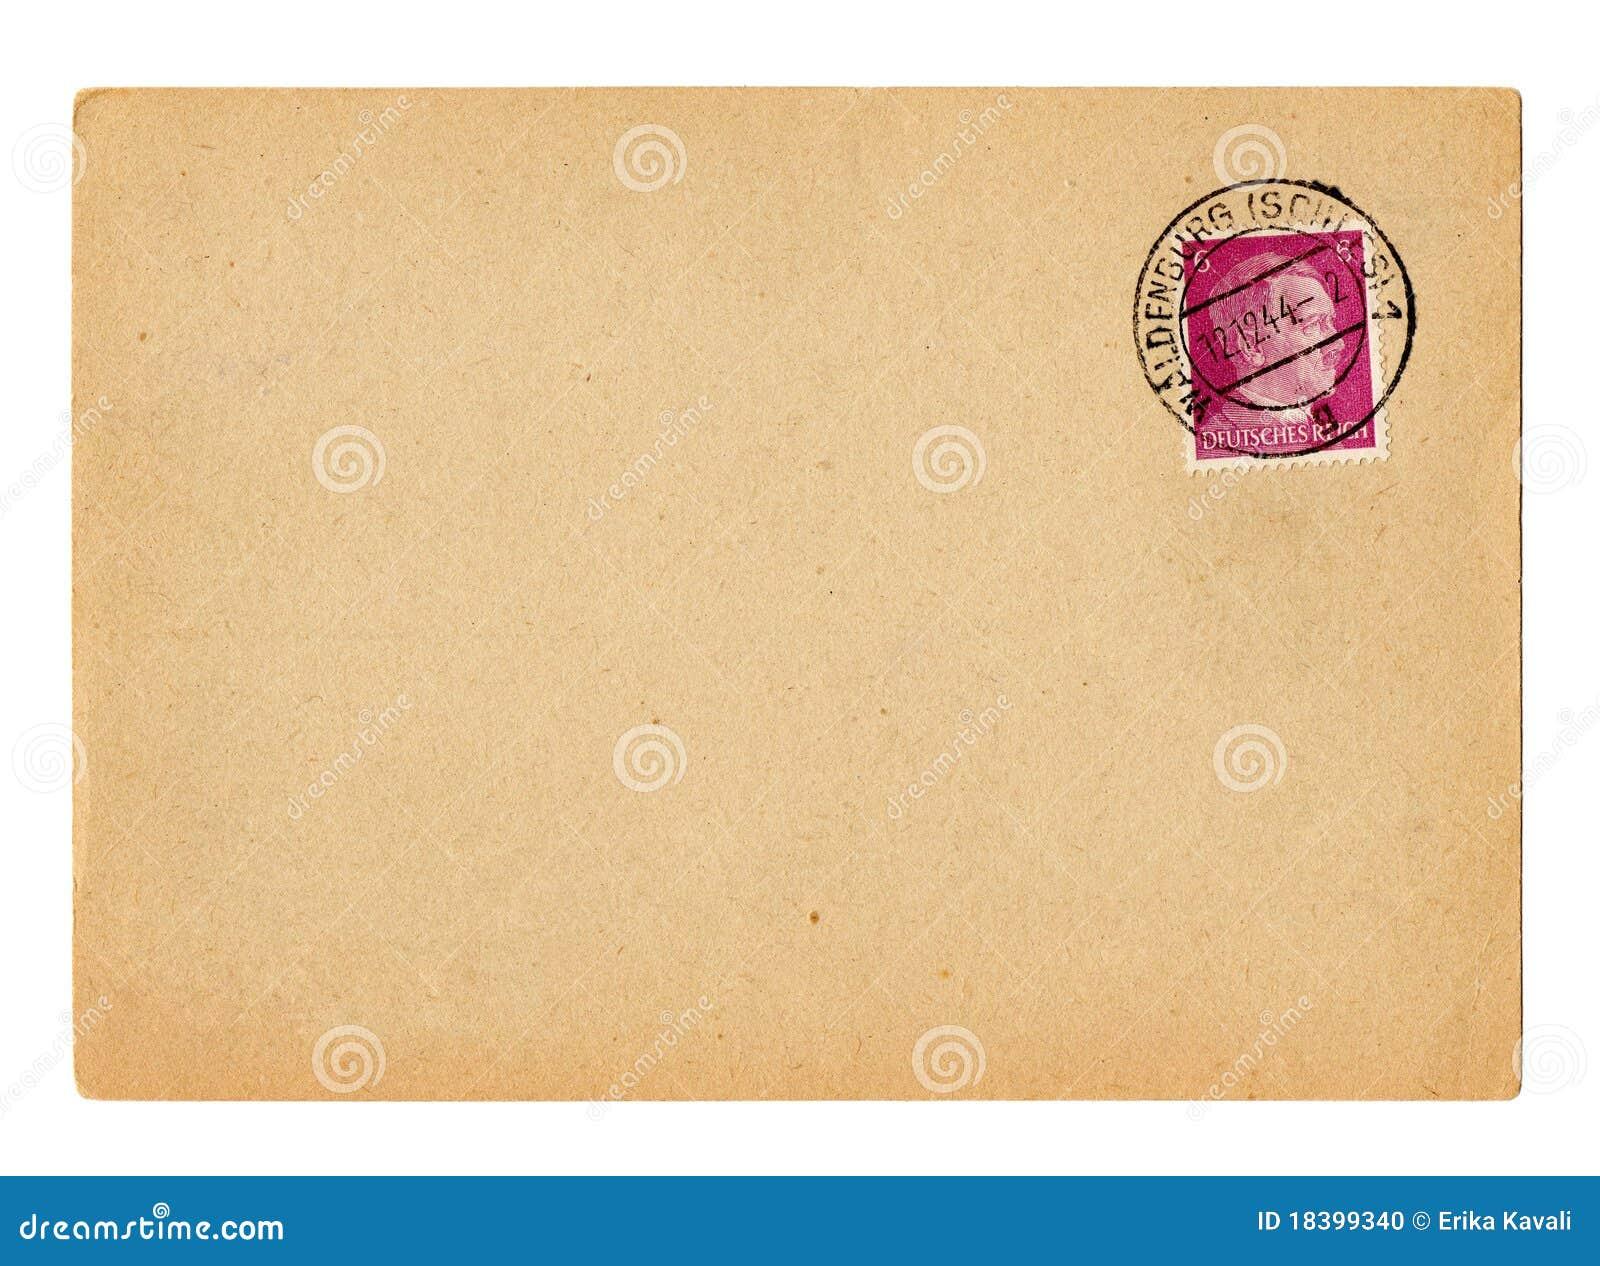 Deutsche Reichpostkarte Hitler